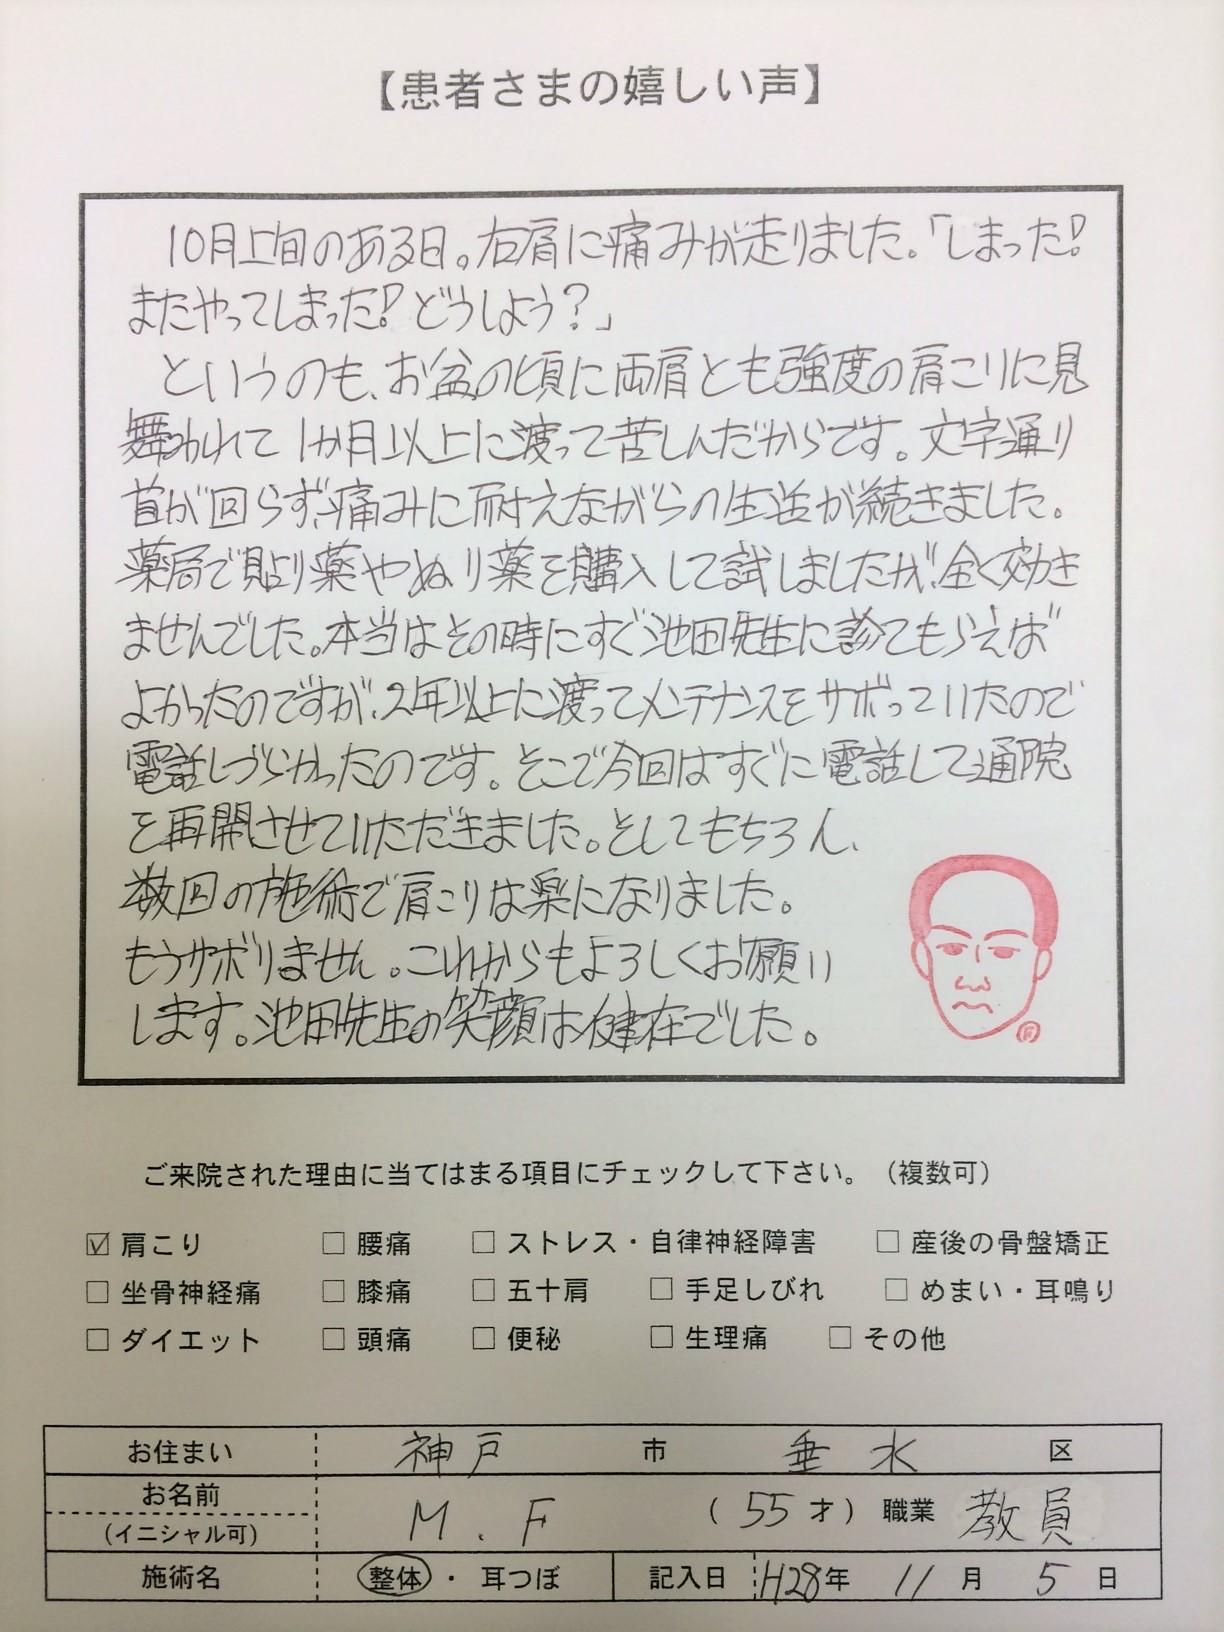 肩こり整体⑧神戸市垂水区 M.F様 55才 教員 .jpg